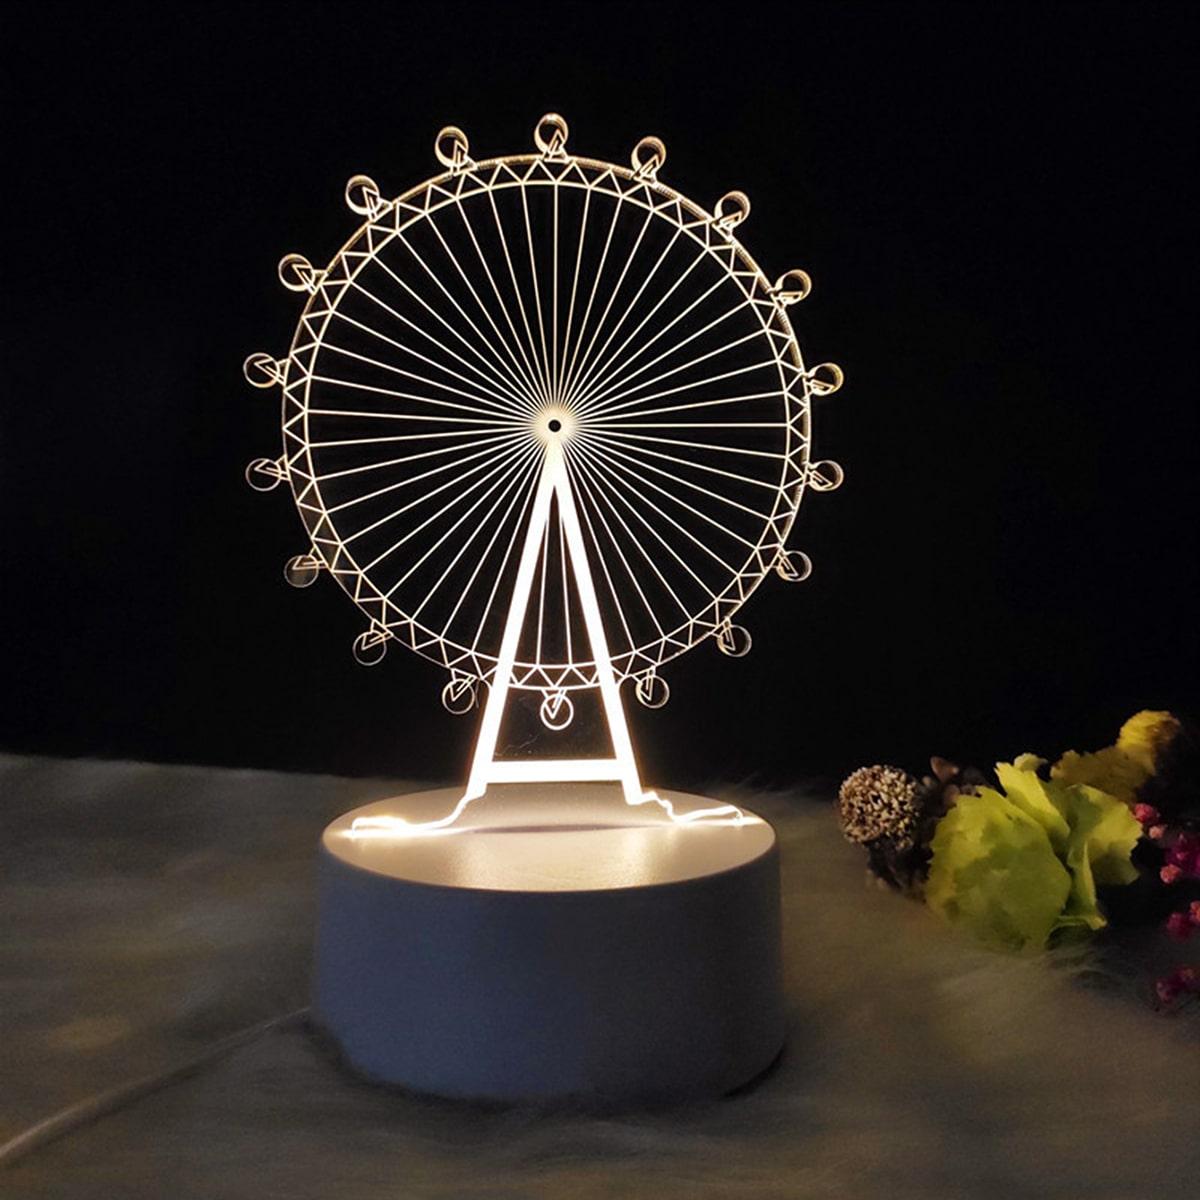 Reuzenrad gevormd nachtlicht